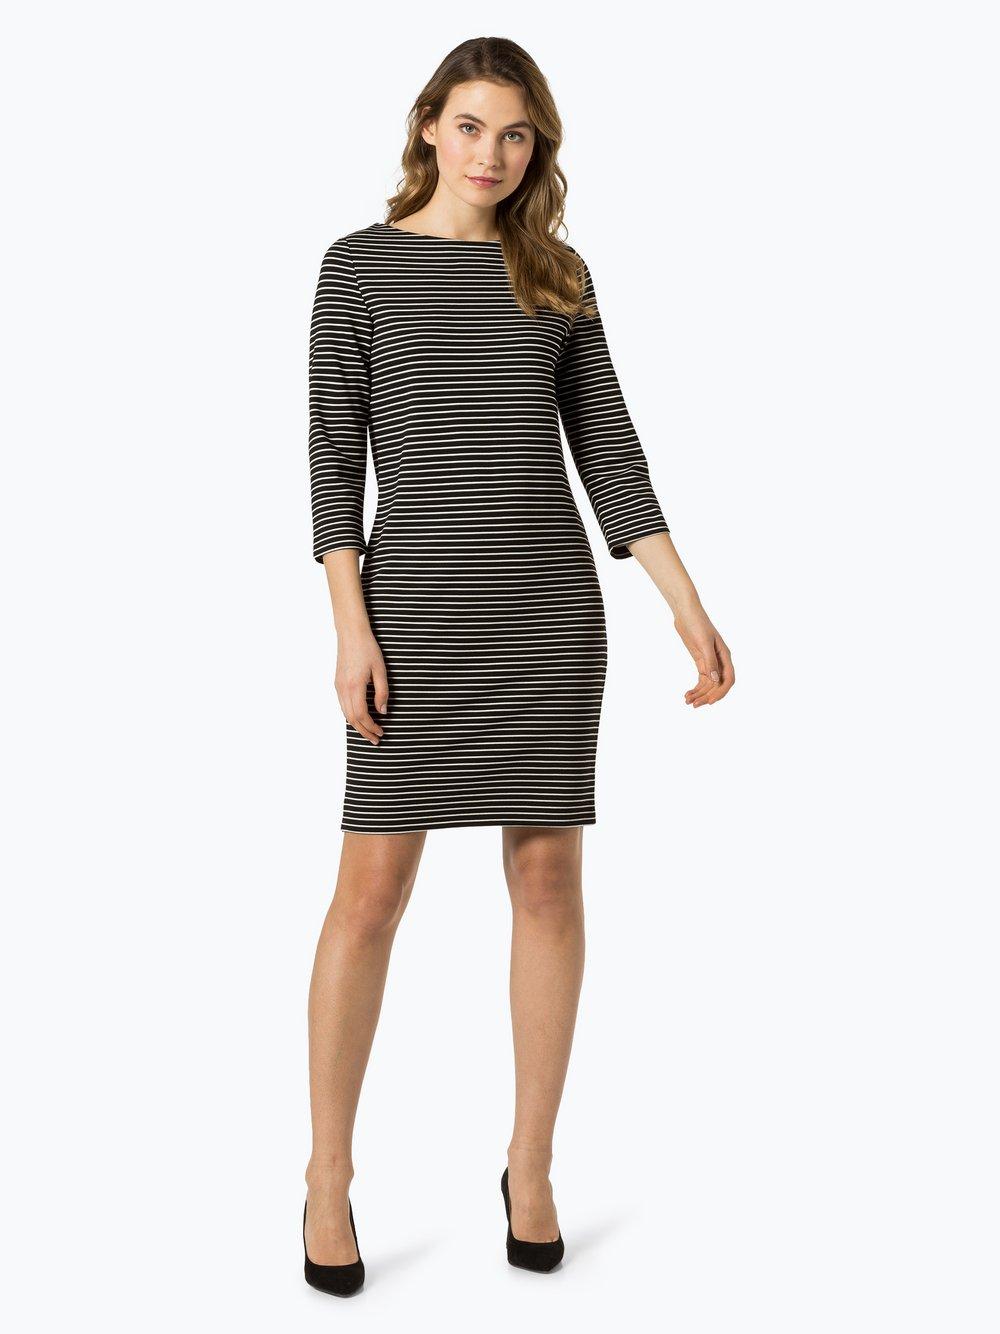 79c76543e8b050 Opus Damen Kleid - Watrin online kaufen